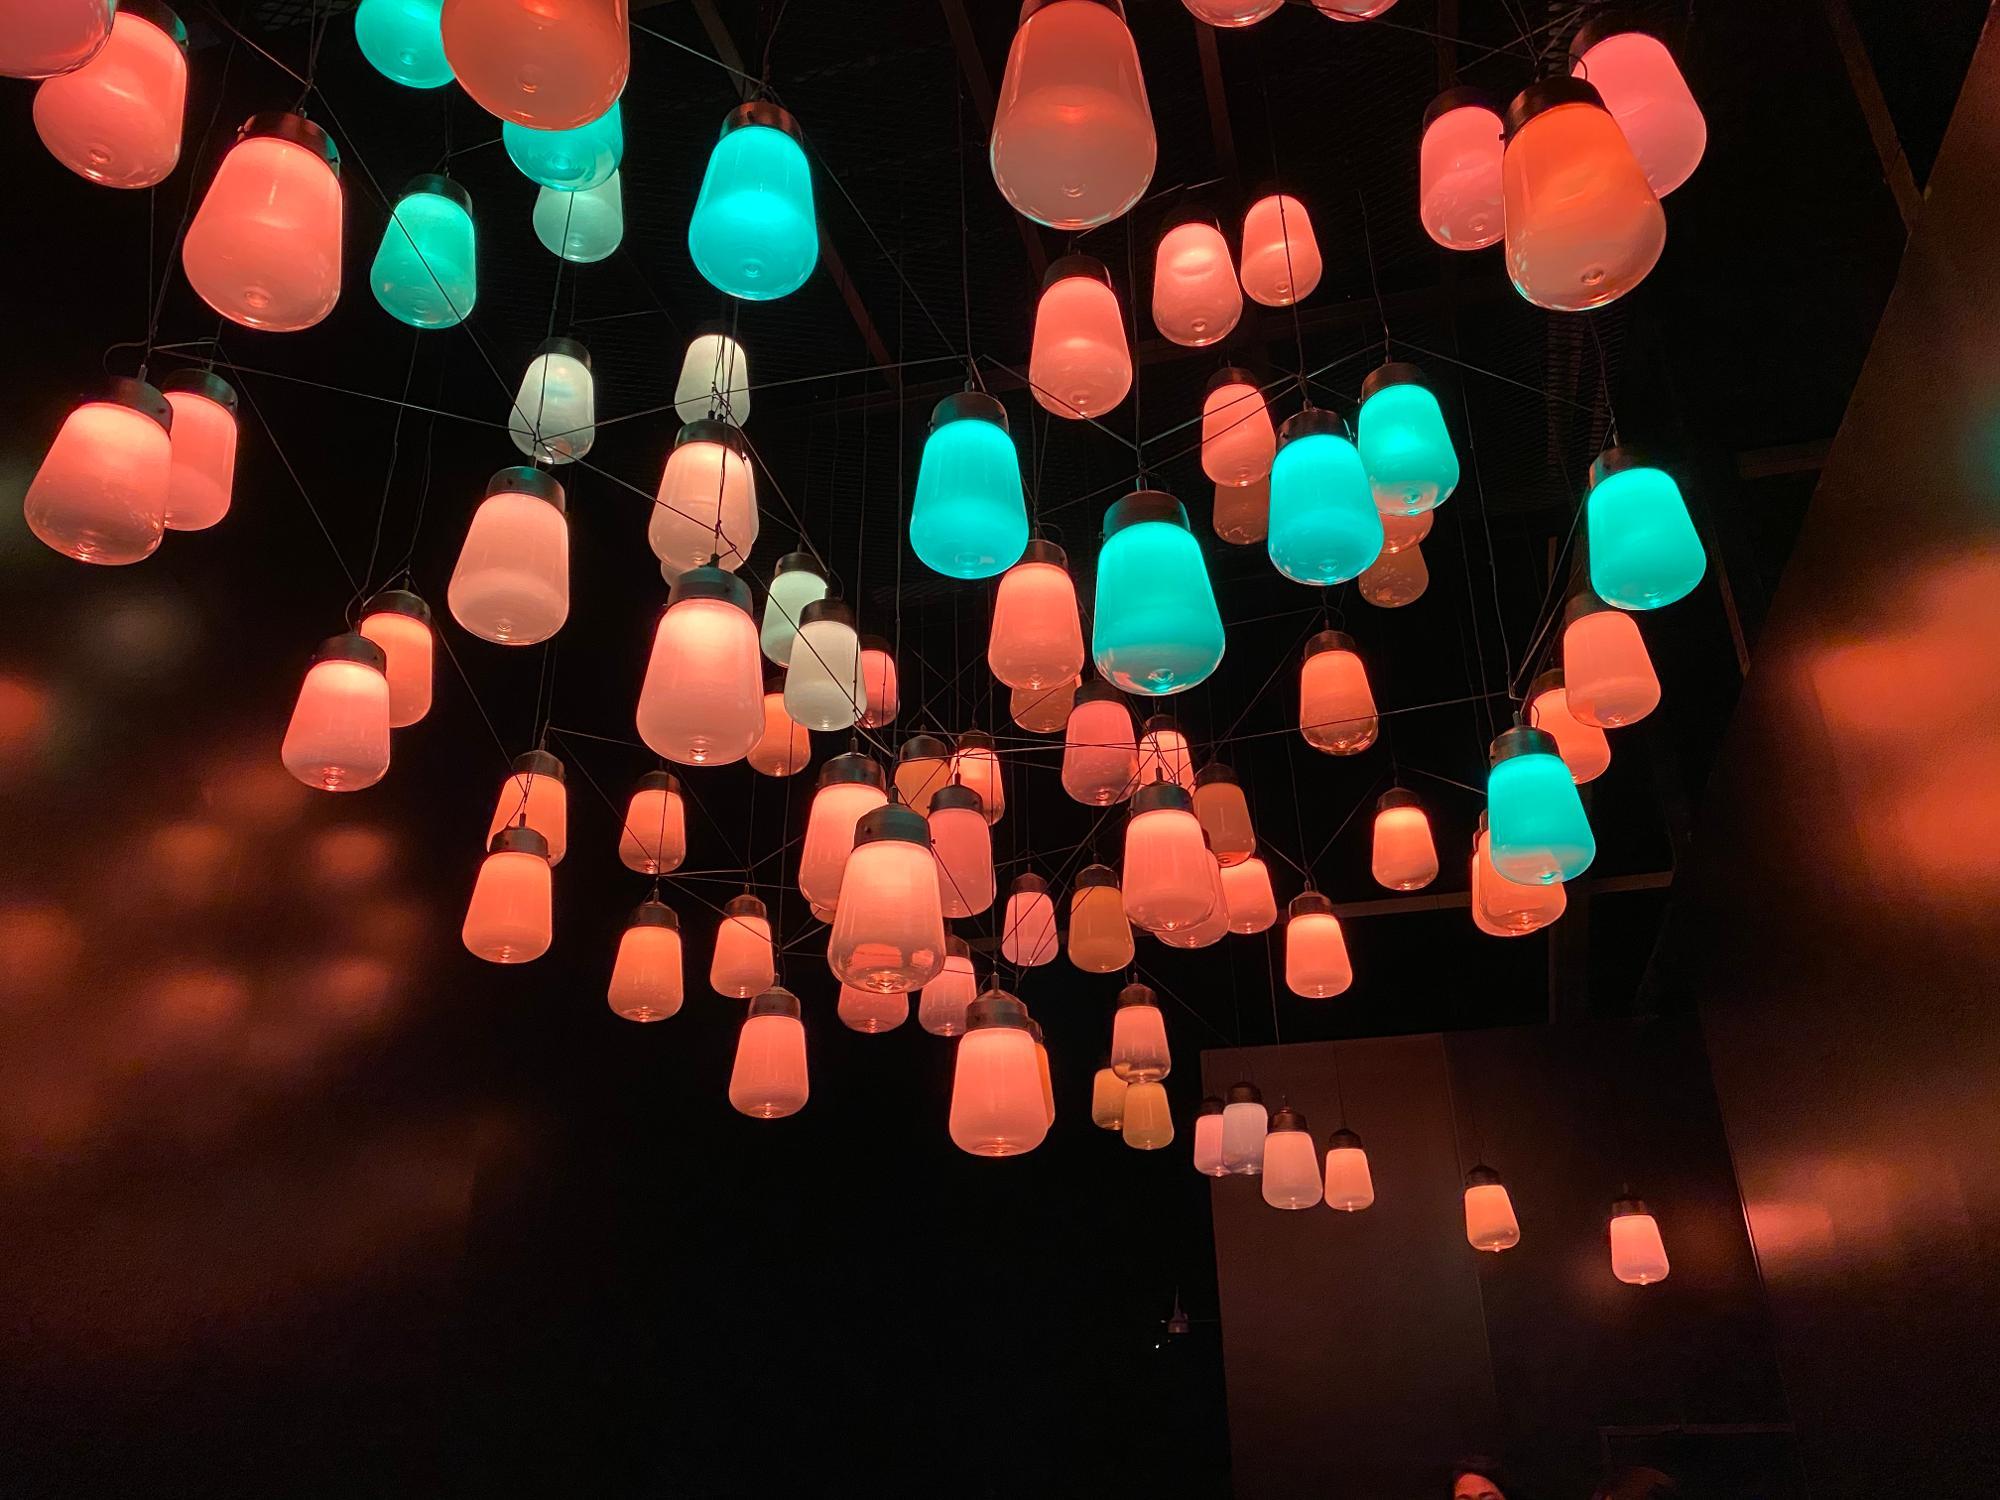 「呼応するランプのアレイとスパイラル-ワンストローク」/館内頭上にずらり並ぶランプの塊。ランプの下を通ったりサウナ室に入ろうとすると、呼応するようにランプが輝く